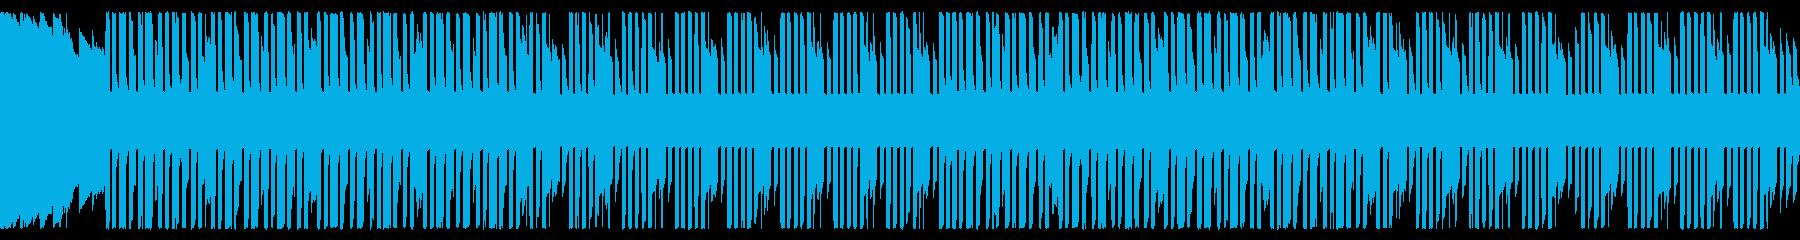 ウキウキチップチューン 8bit ループの再生済みの波形